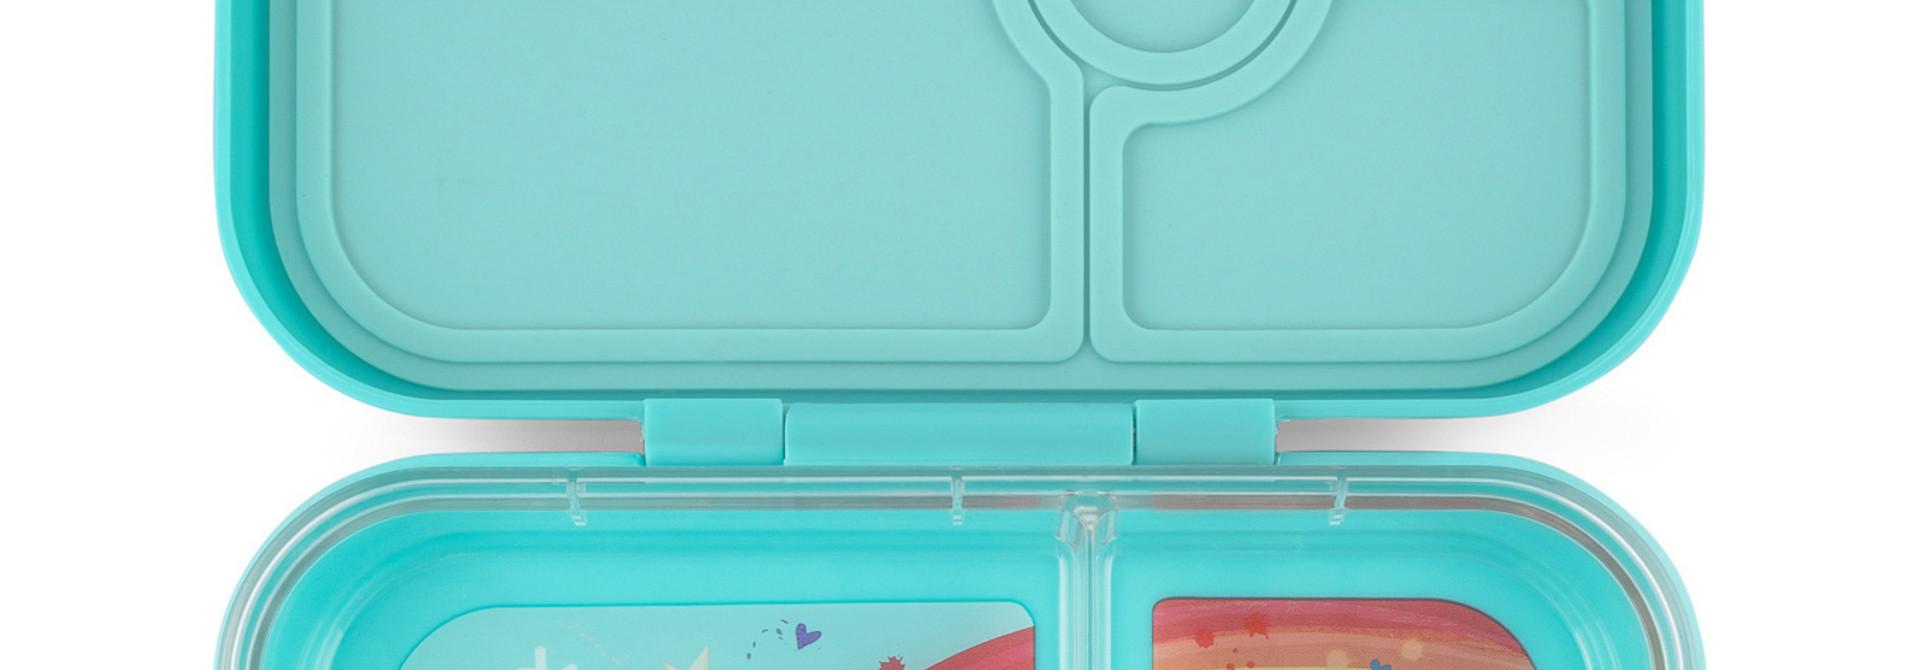 Yumbox Panino 4-sections Misty Aqua / Rainbow tray